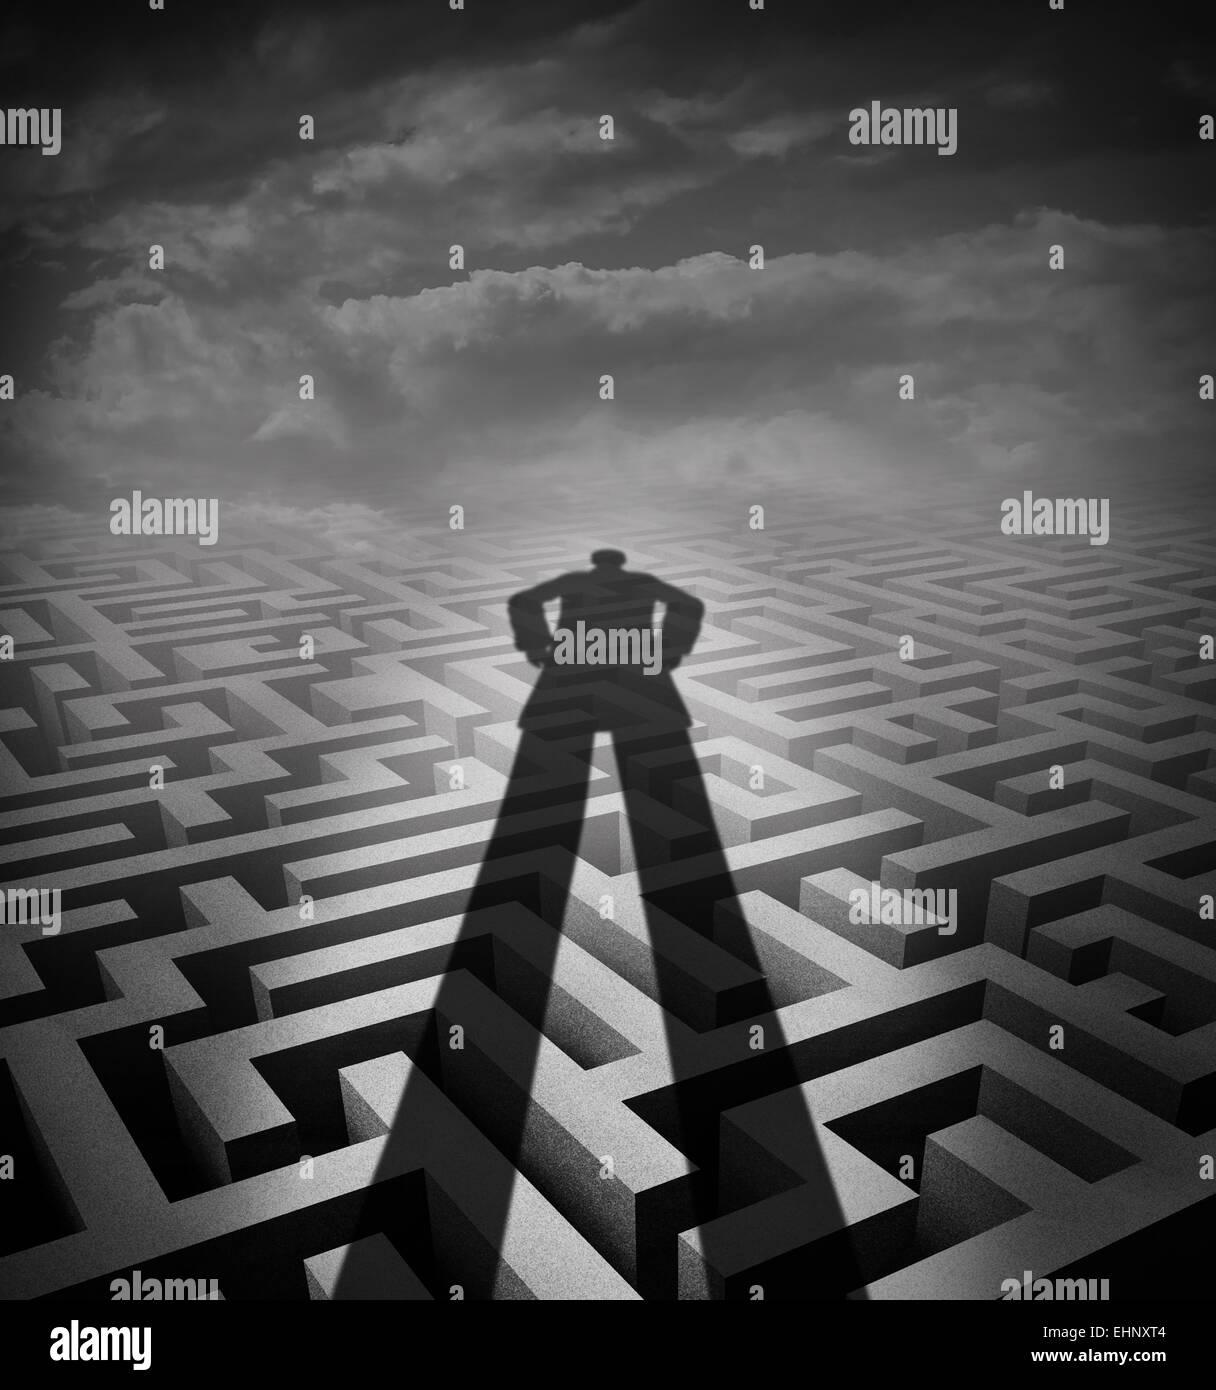 Consultoría de gestión y consultor de nuevo el concepto de la solución como una sombra de una persona Imagen De Stock